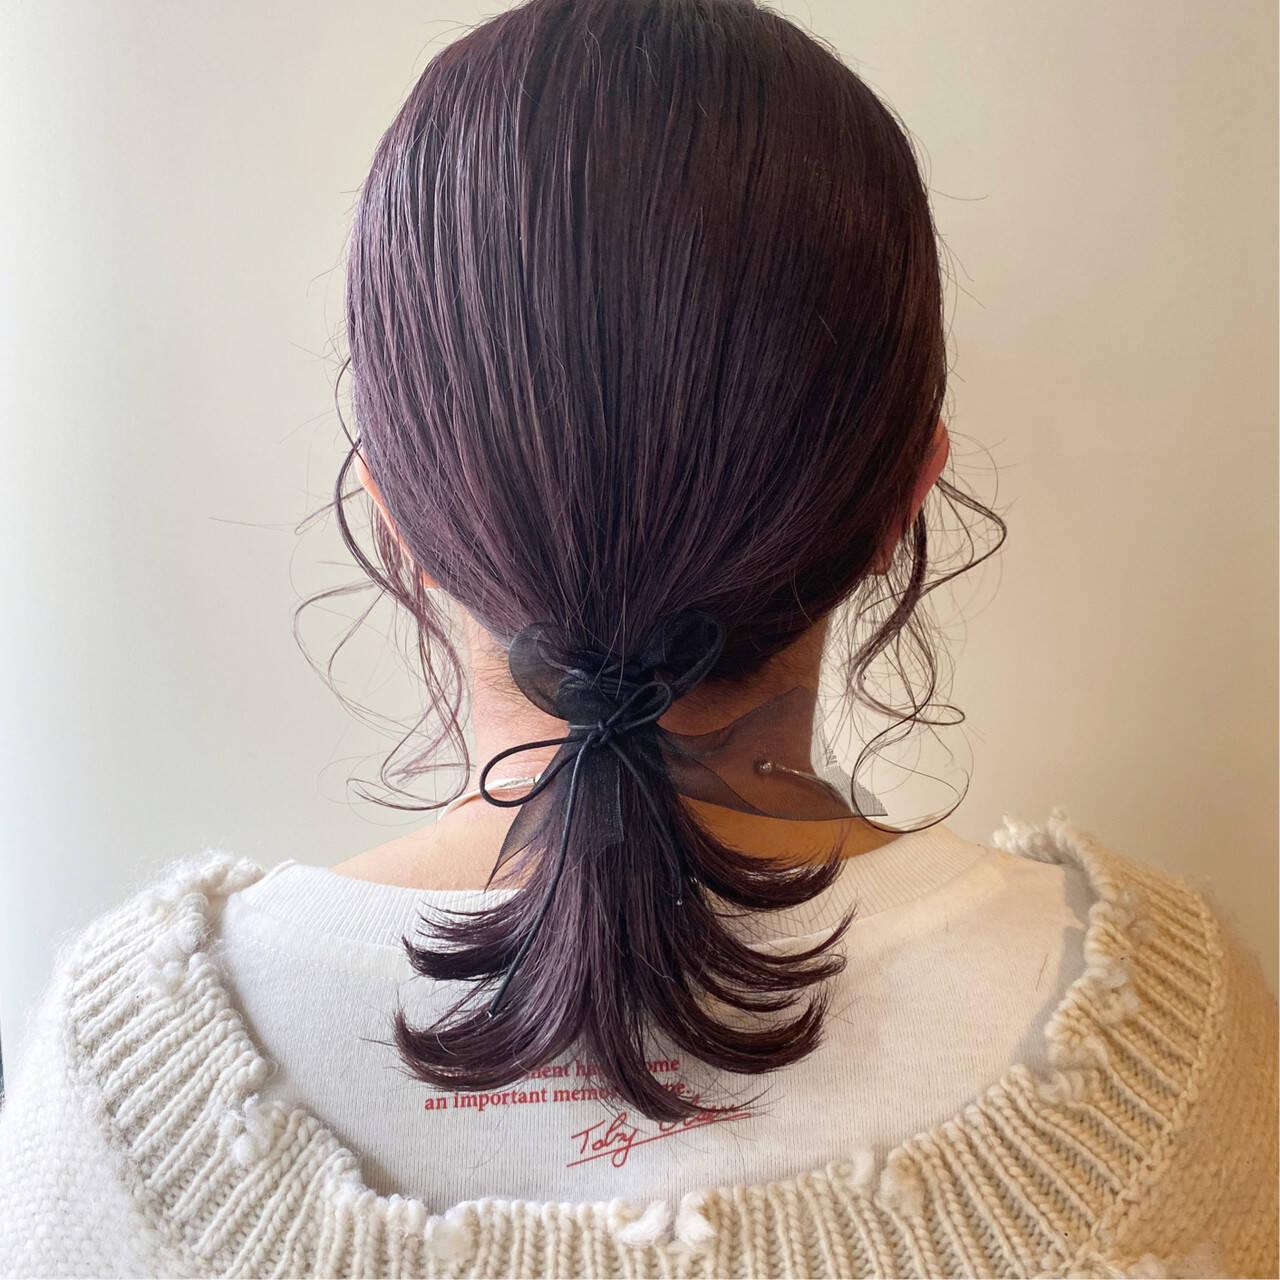 ラベンダーピンク ミディアム ヘアアレンジ 簡単ヘアアレンジヘアスタイルや髪型の写真・画像